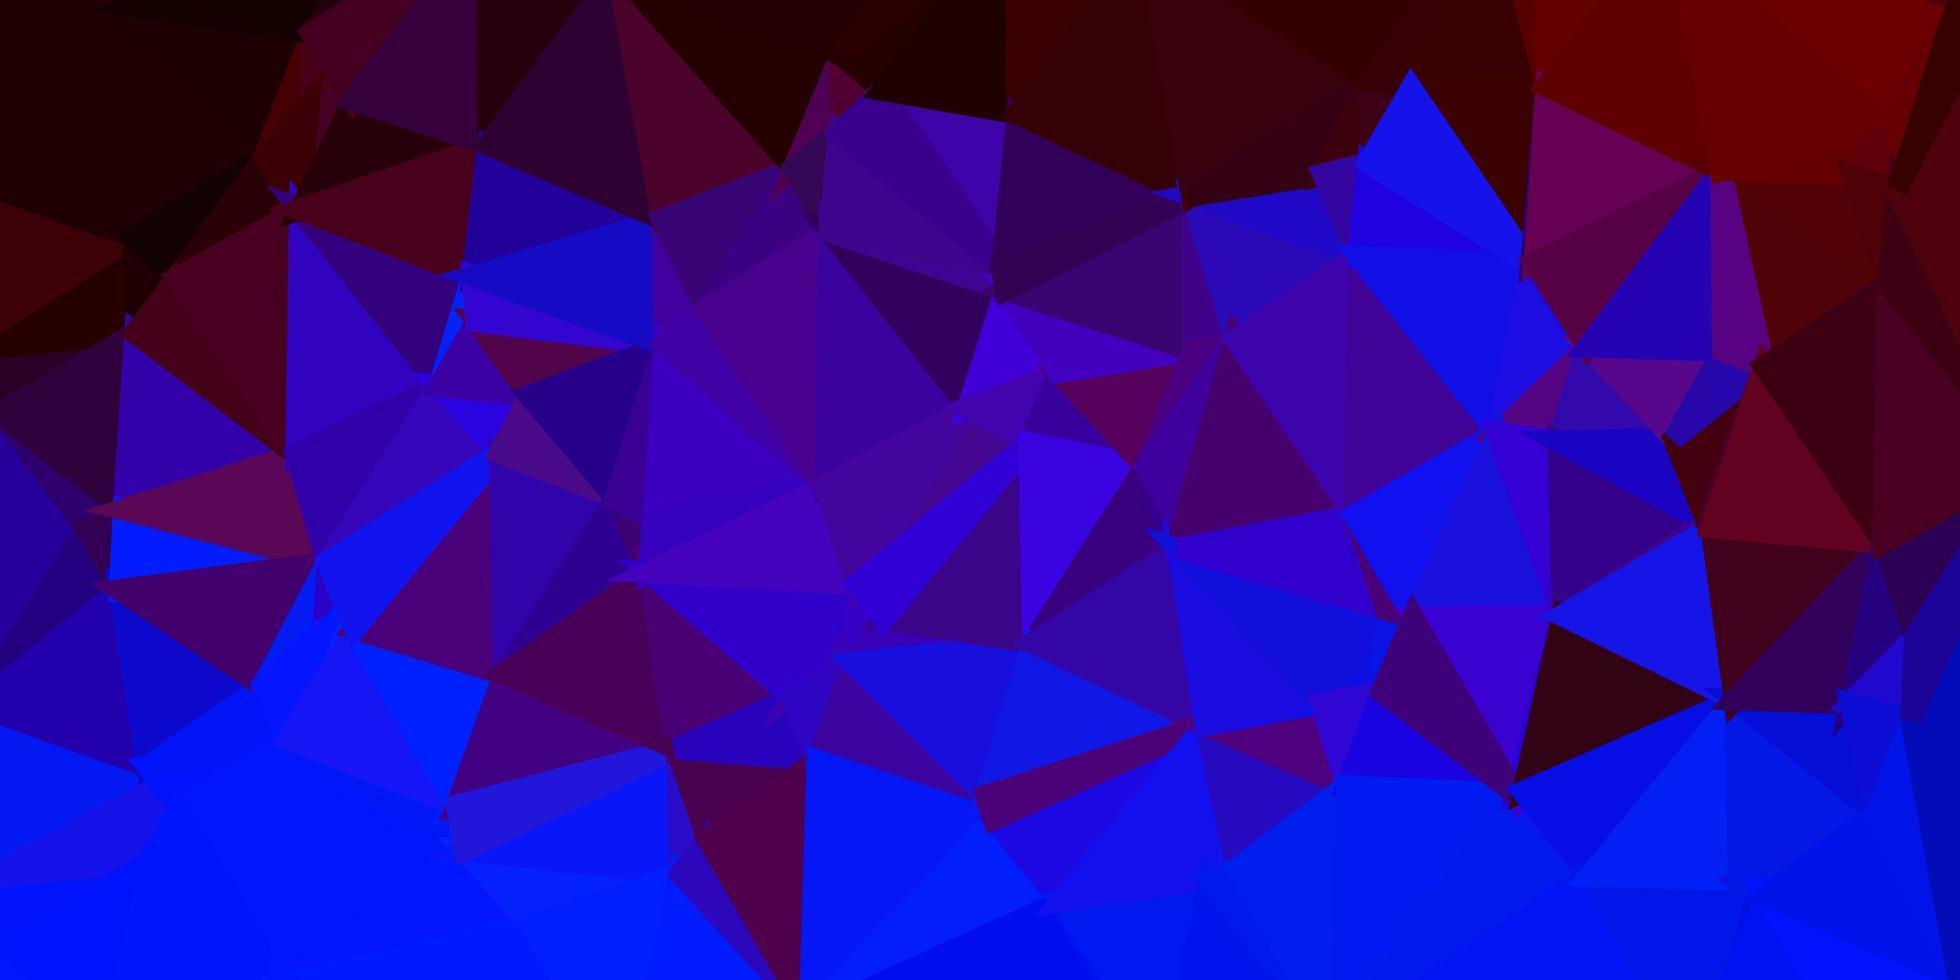 mörkblå, röd vektor abstrakt triangelmall.